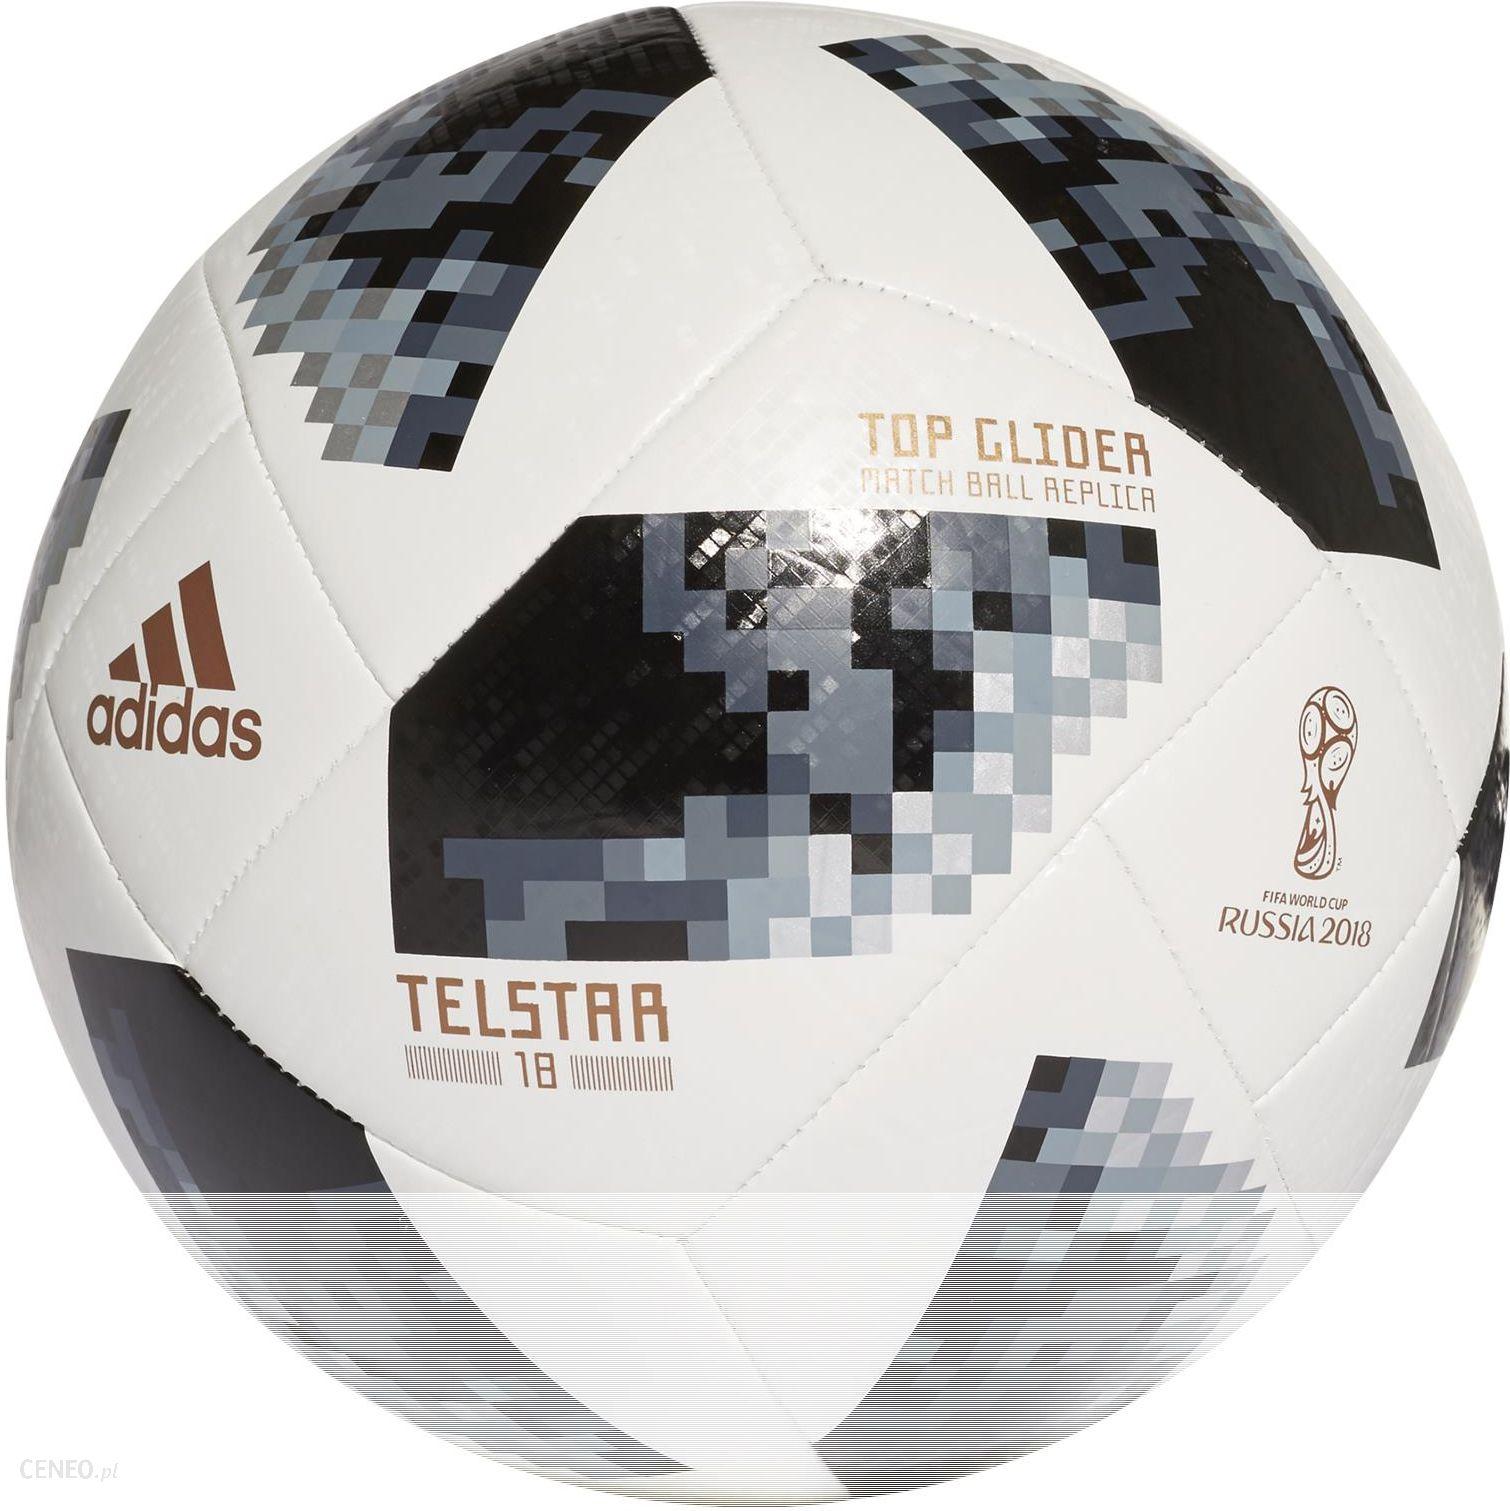 a4f68b00a Adidas Piłka Nożna World Cup Telstar Top Glide 18 Ce8096 Biały - zdjęcie 1